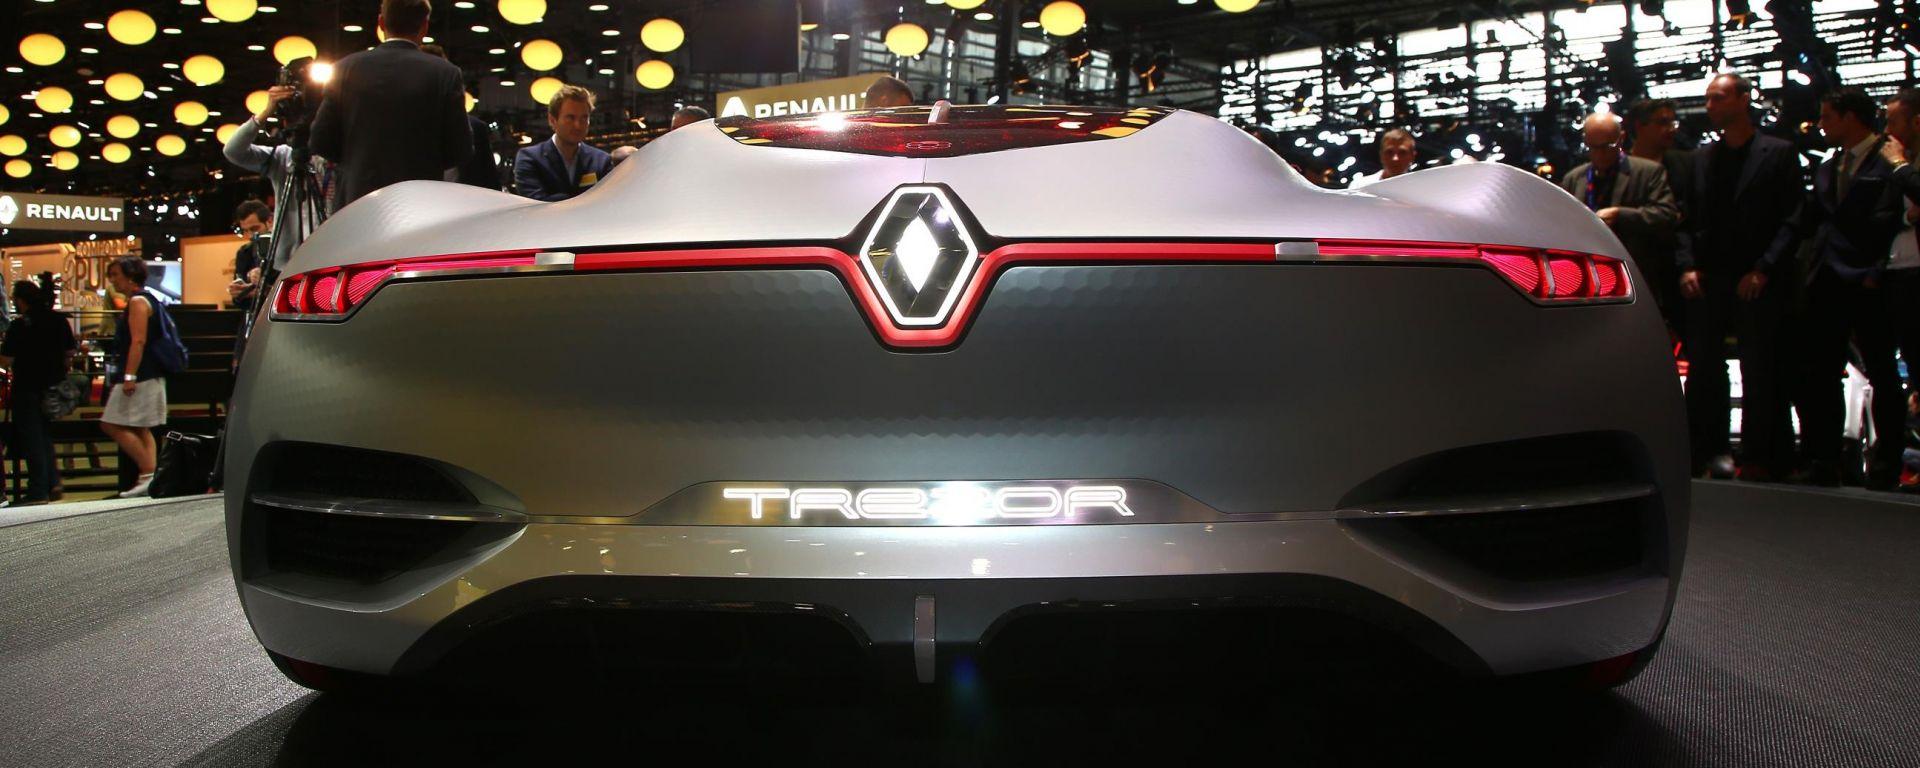 Renault, Dacia e Alpine: ecco le novità per Parigi 2018